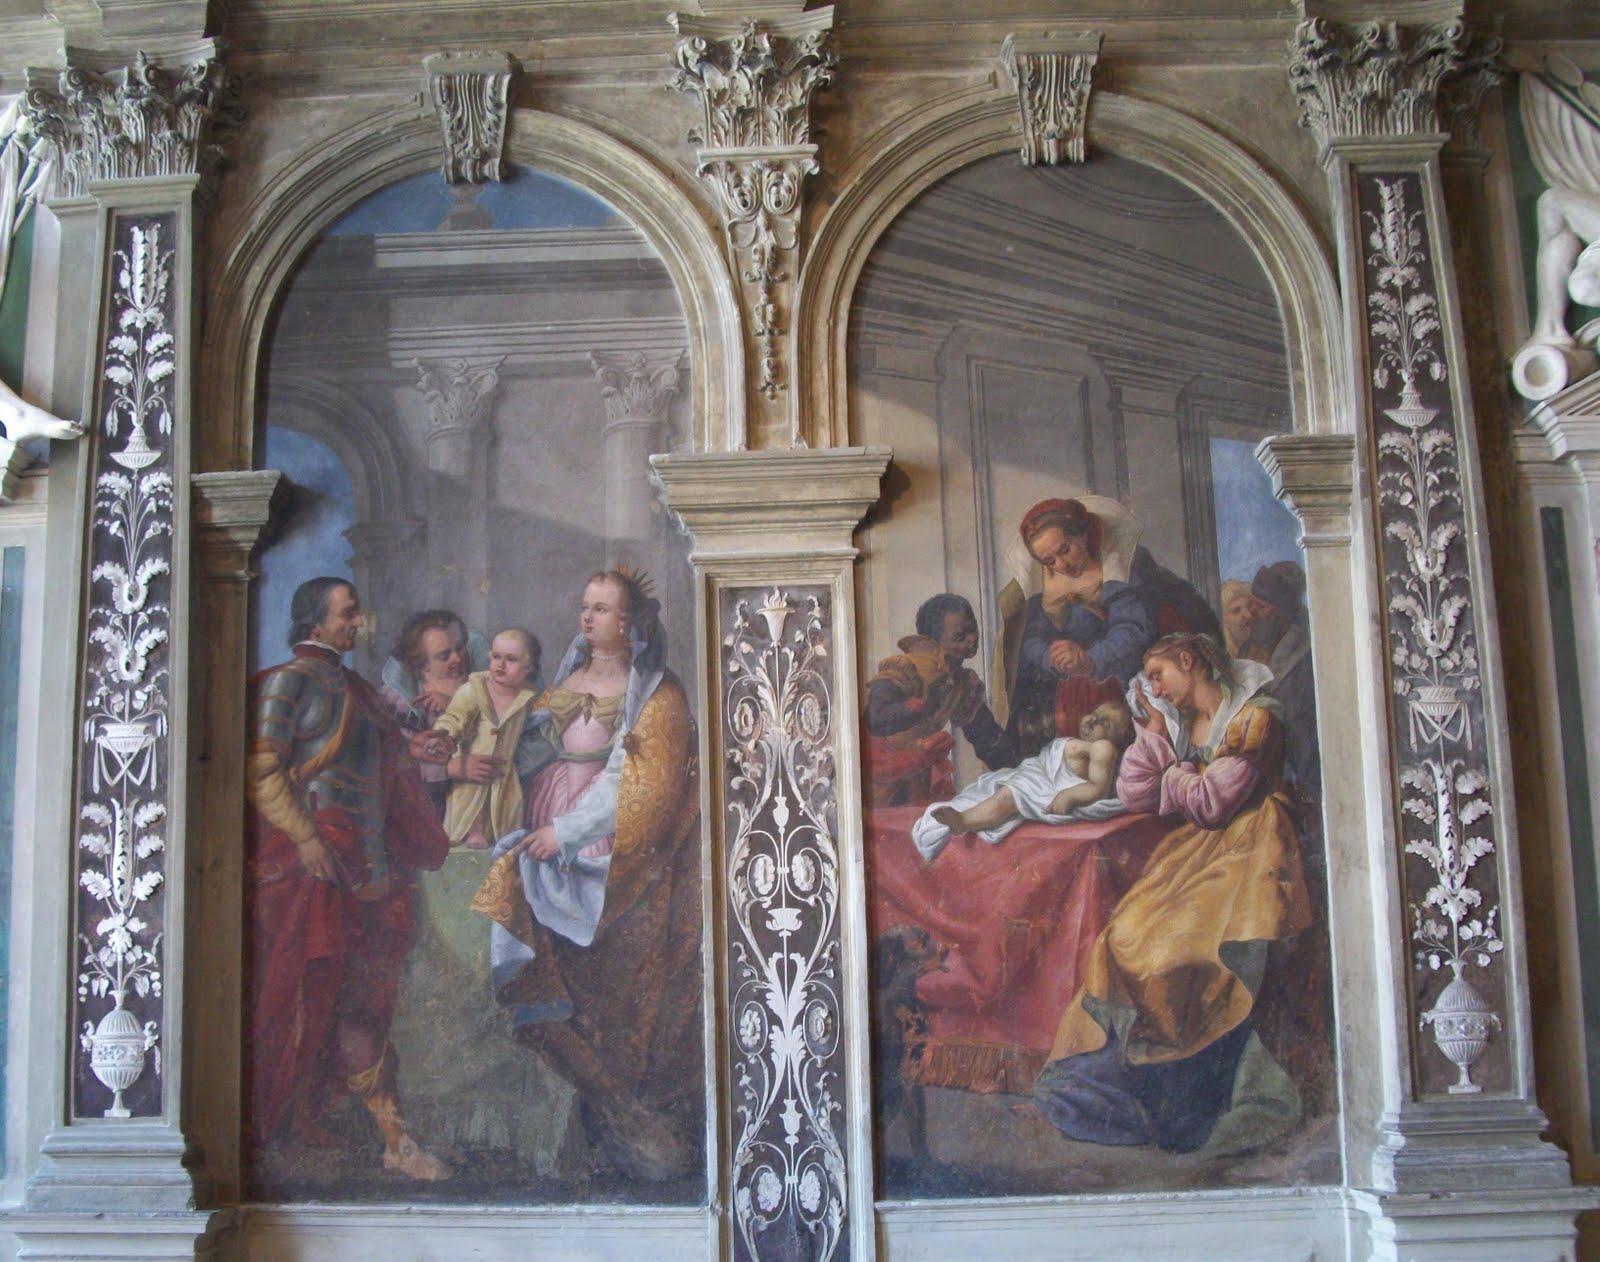 Die Wände Des Mittleren Saals (Portego) Des 1. Piano Nobile Sind Komplett  Mit Darstellungen Aus Dem Leben Caterina Cornaros Gestaltet